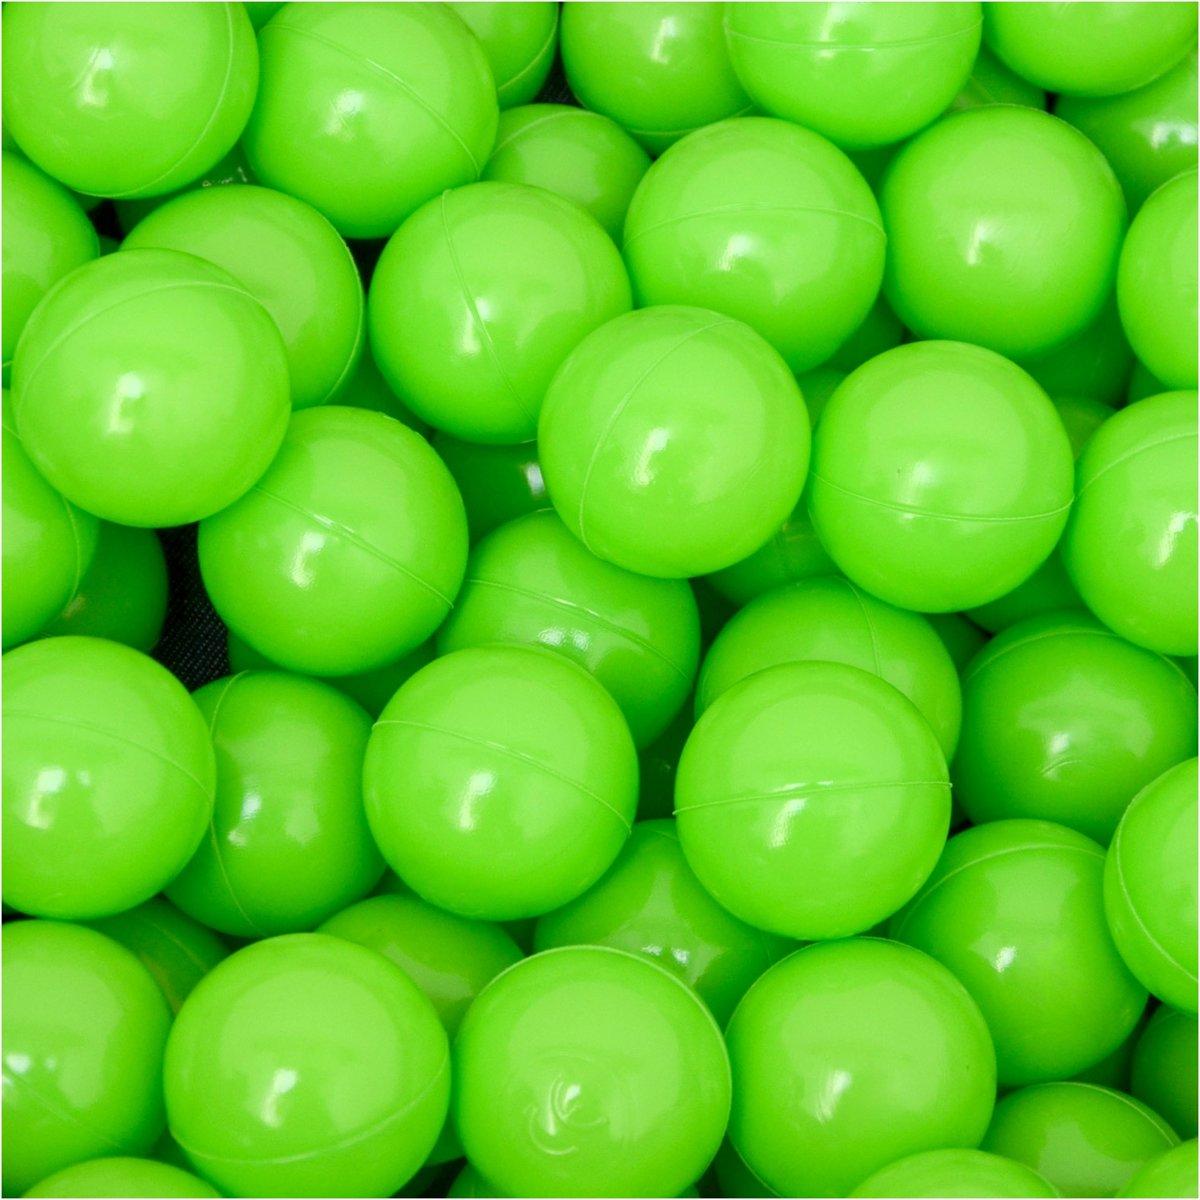 50 Babybalballen 5,5 cm Kinderballen Balbadje Kunststofballen Babyballen Groen